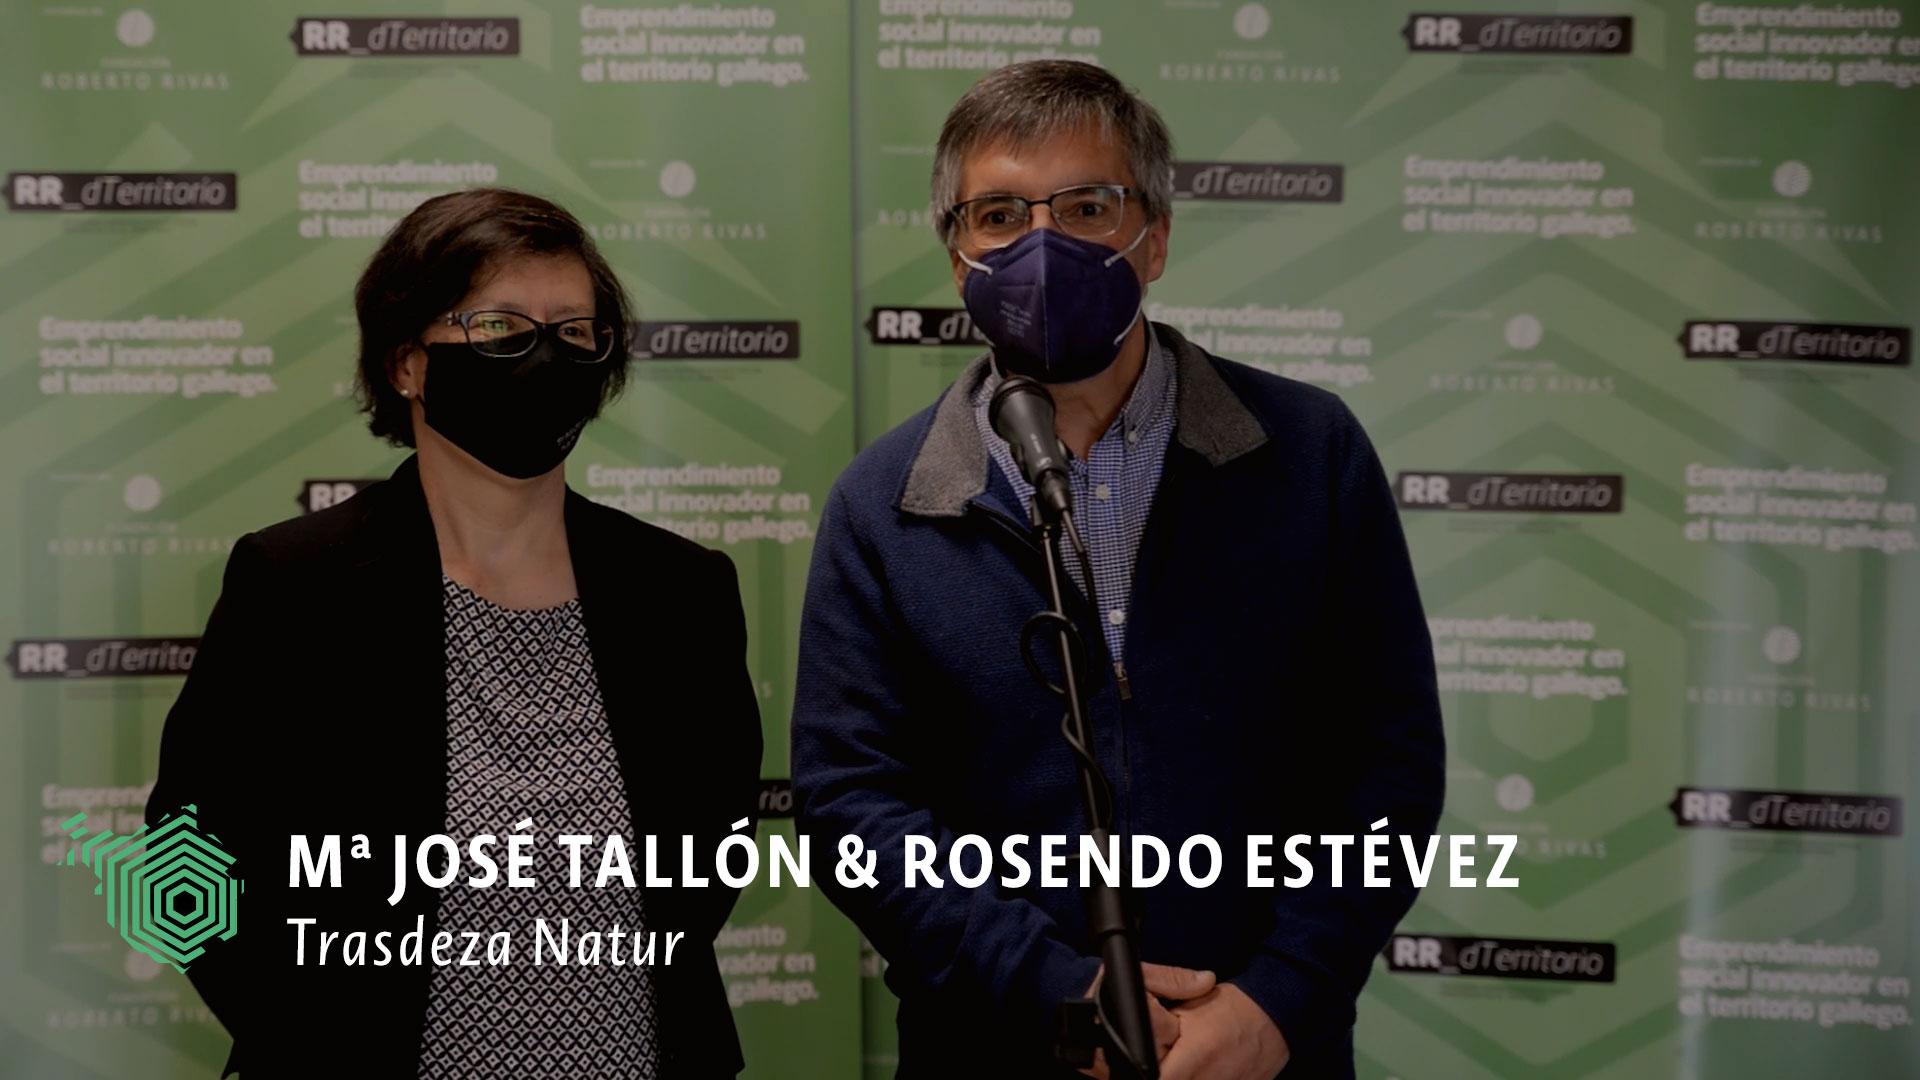 Trasdeza Natur María José Tallón y Rosendo Estévez